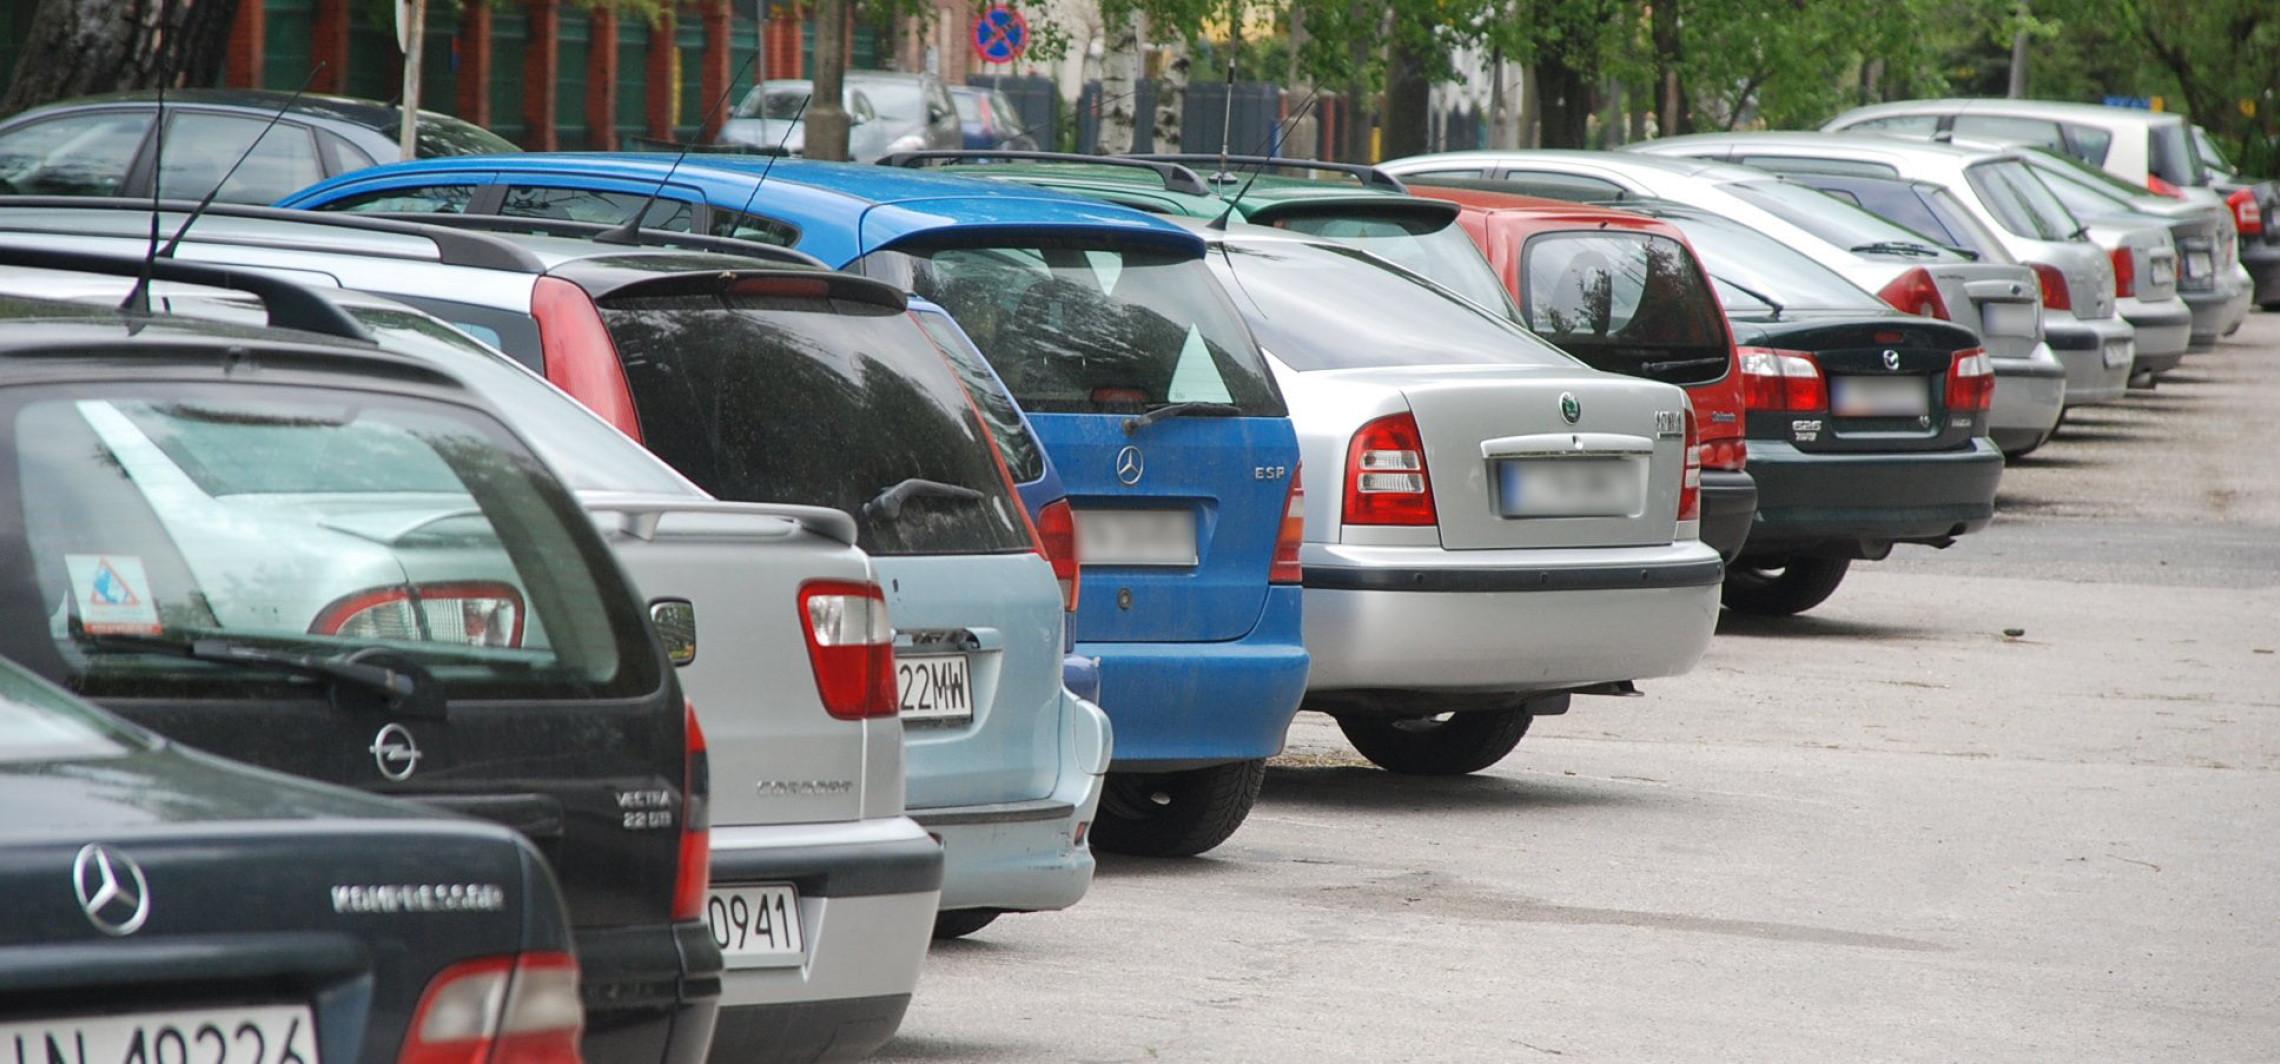 Inowrocław - Wskazaliście problemy z parkowaniem. Ratusz odpowiada